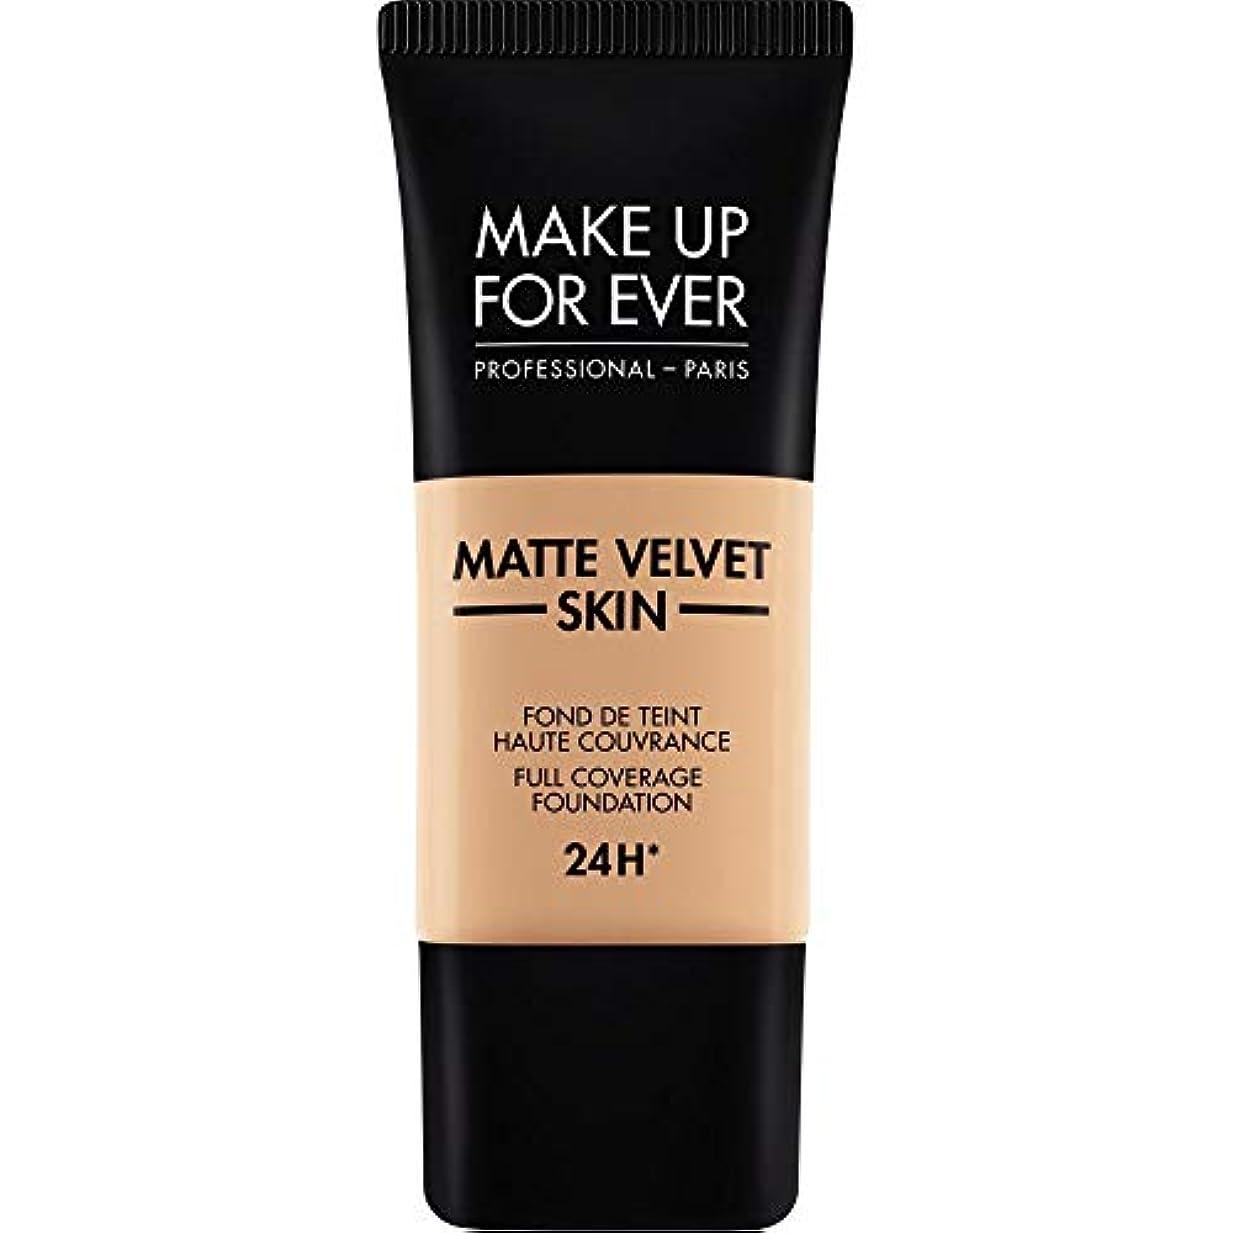 マティスコンテンポラリーリーダーシップ[MAKE UP FOR EVER ] これまでマットベルベットの皮膚のフルカバレッジ基礎30ミリリットルのY325を補う - 肉 - MAKE UP FOR EVER Matte Velvet Skin Full Coverage...